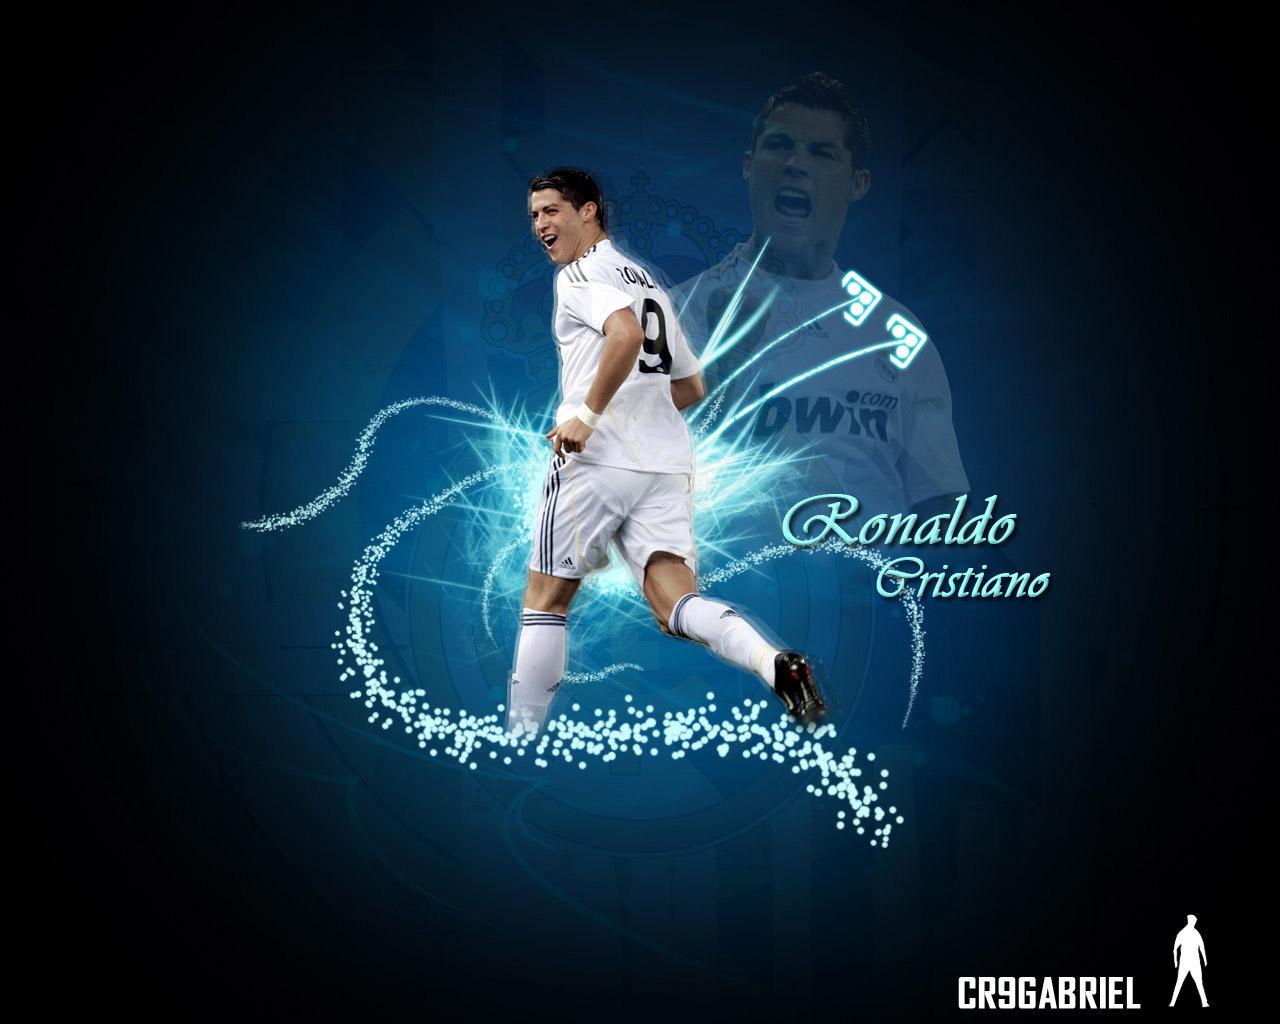 Cristiano Ronaldo Wallpaper   Cristiano Ronaldo World Fansite 1280x1024